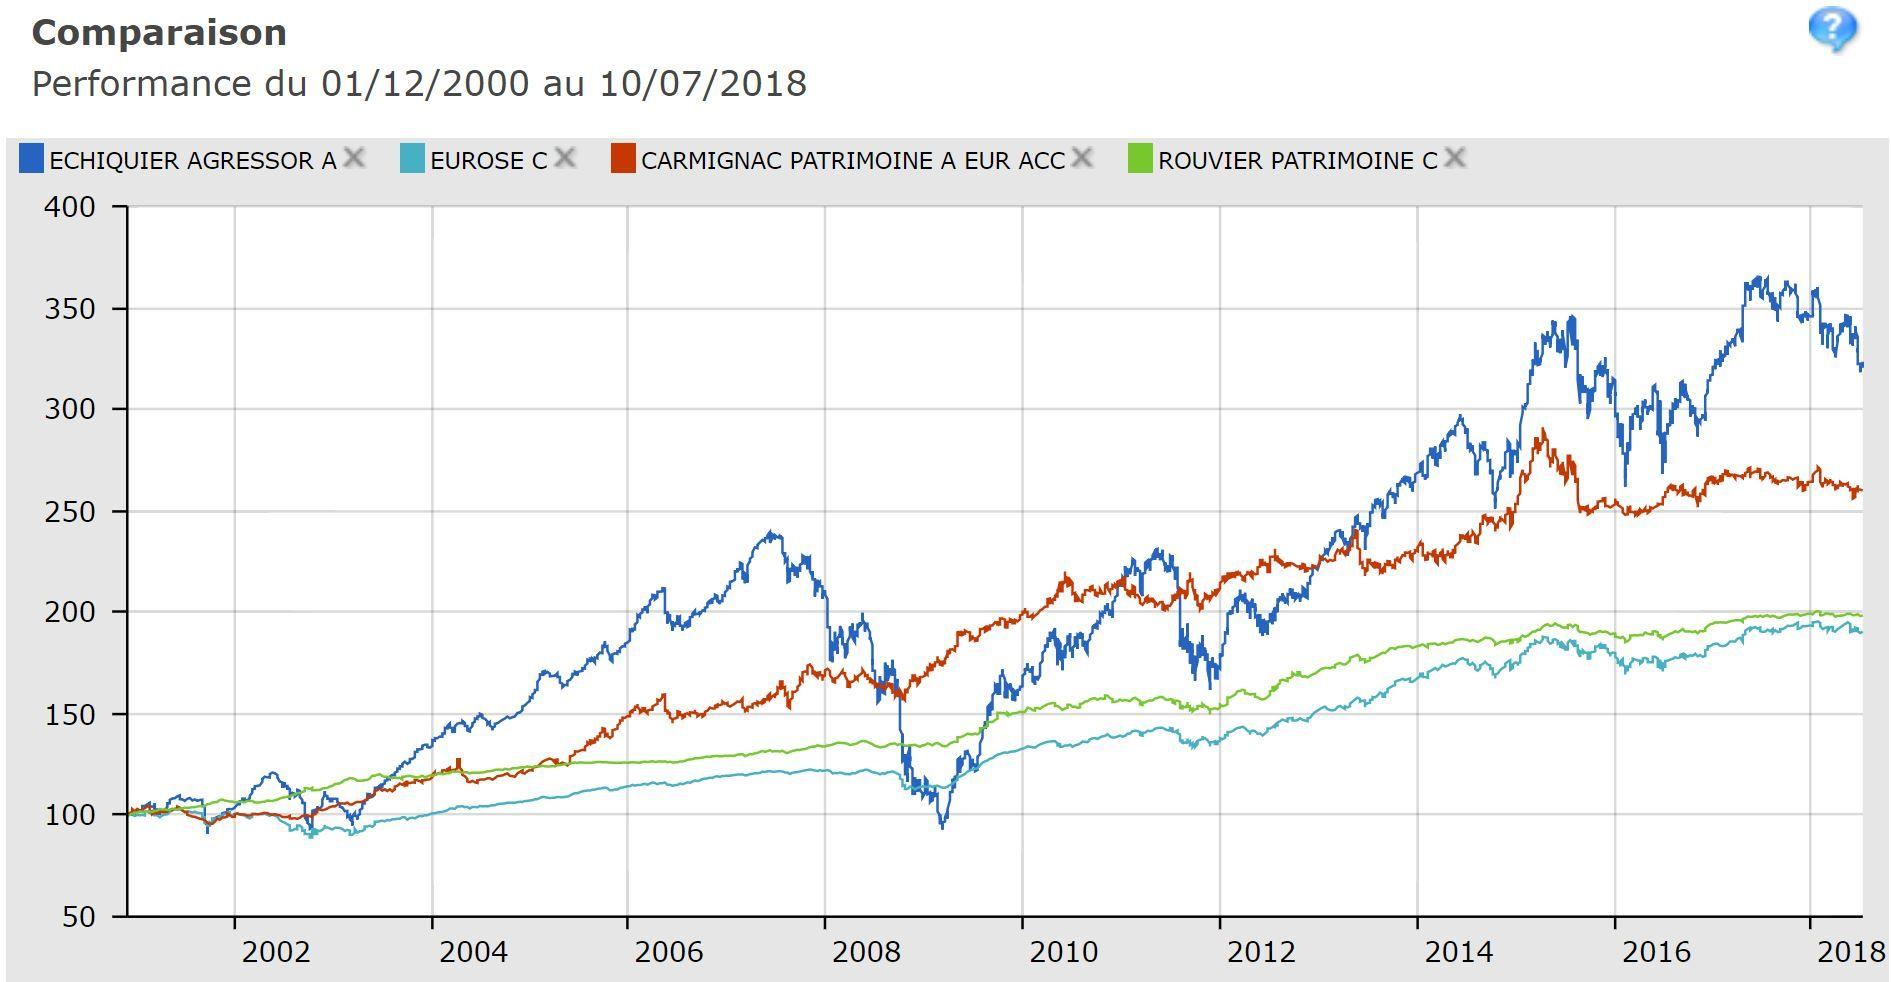 Comparaison-de-4-fonds-prudents-dans-une-assurance-vie-luxembourgeoise-plus-de-18-ans-historique-graphique